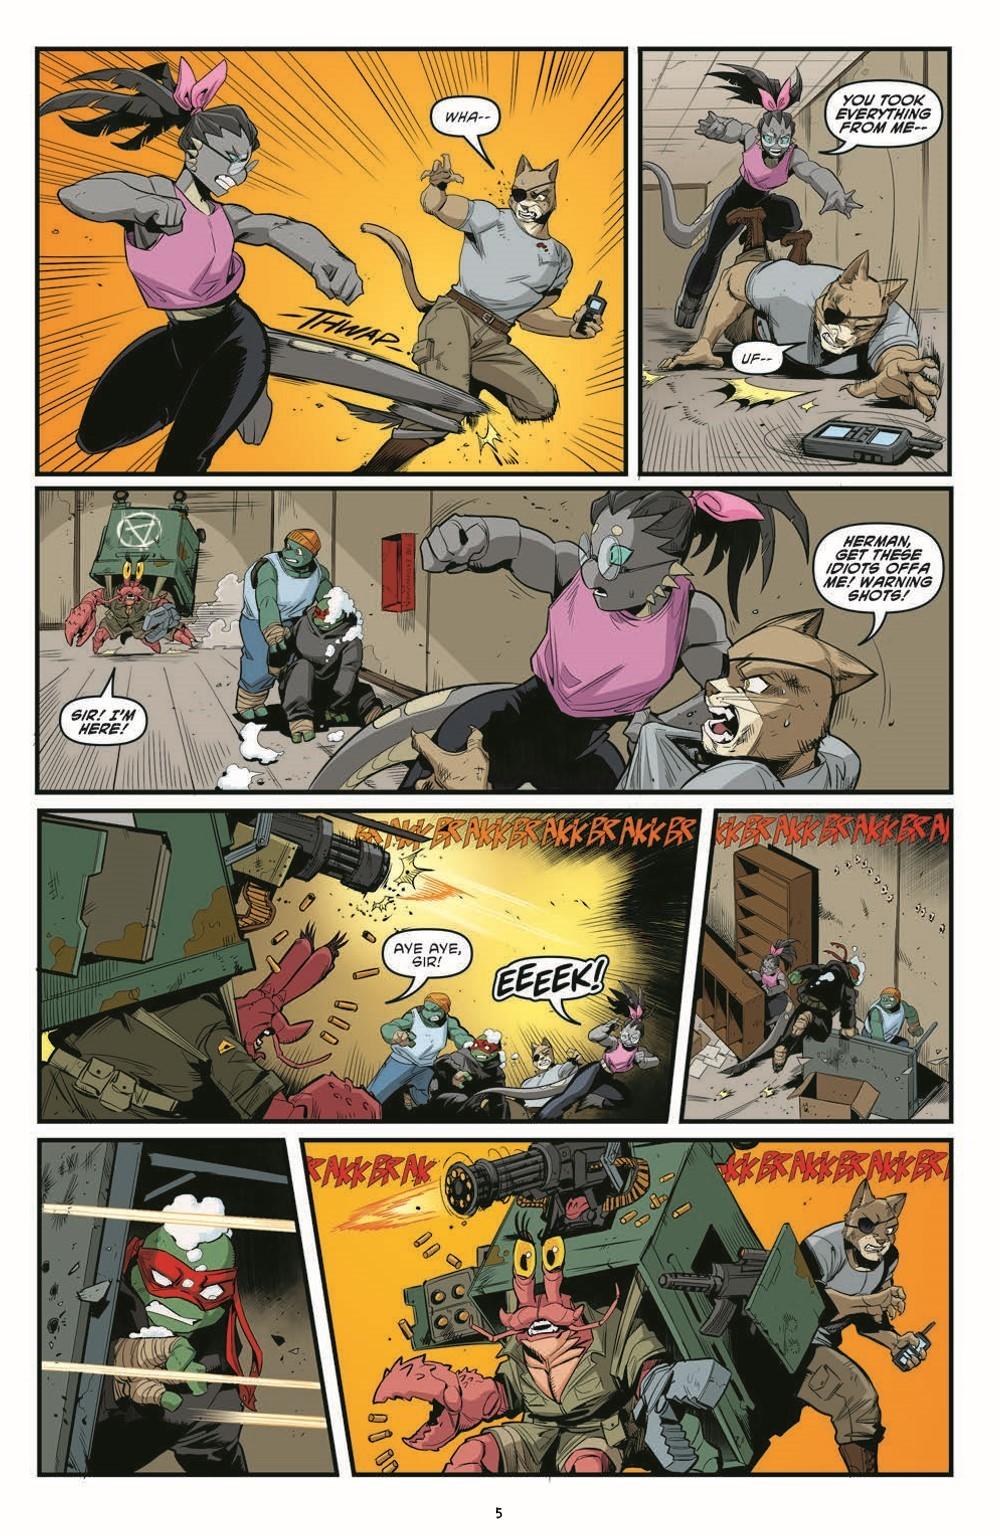 TMNT121_pr-7 ComicList Previews: TEENAGE MUTANT NINJA TURTLES #121